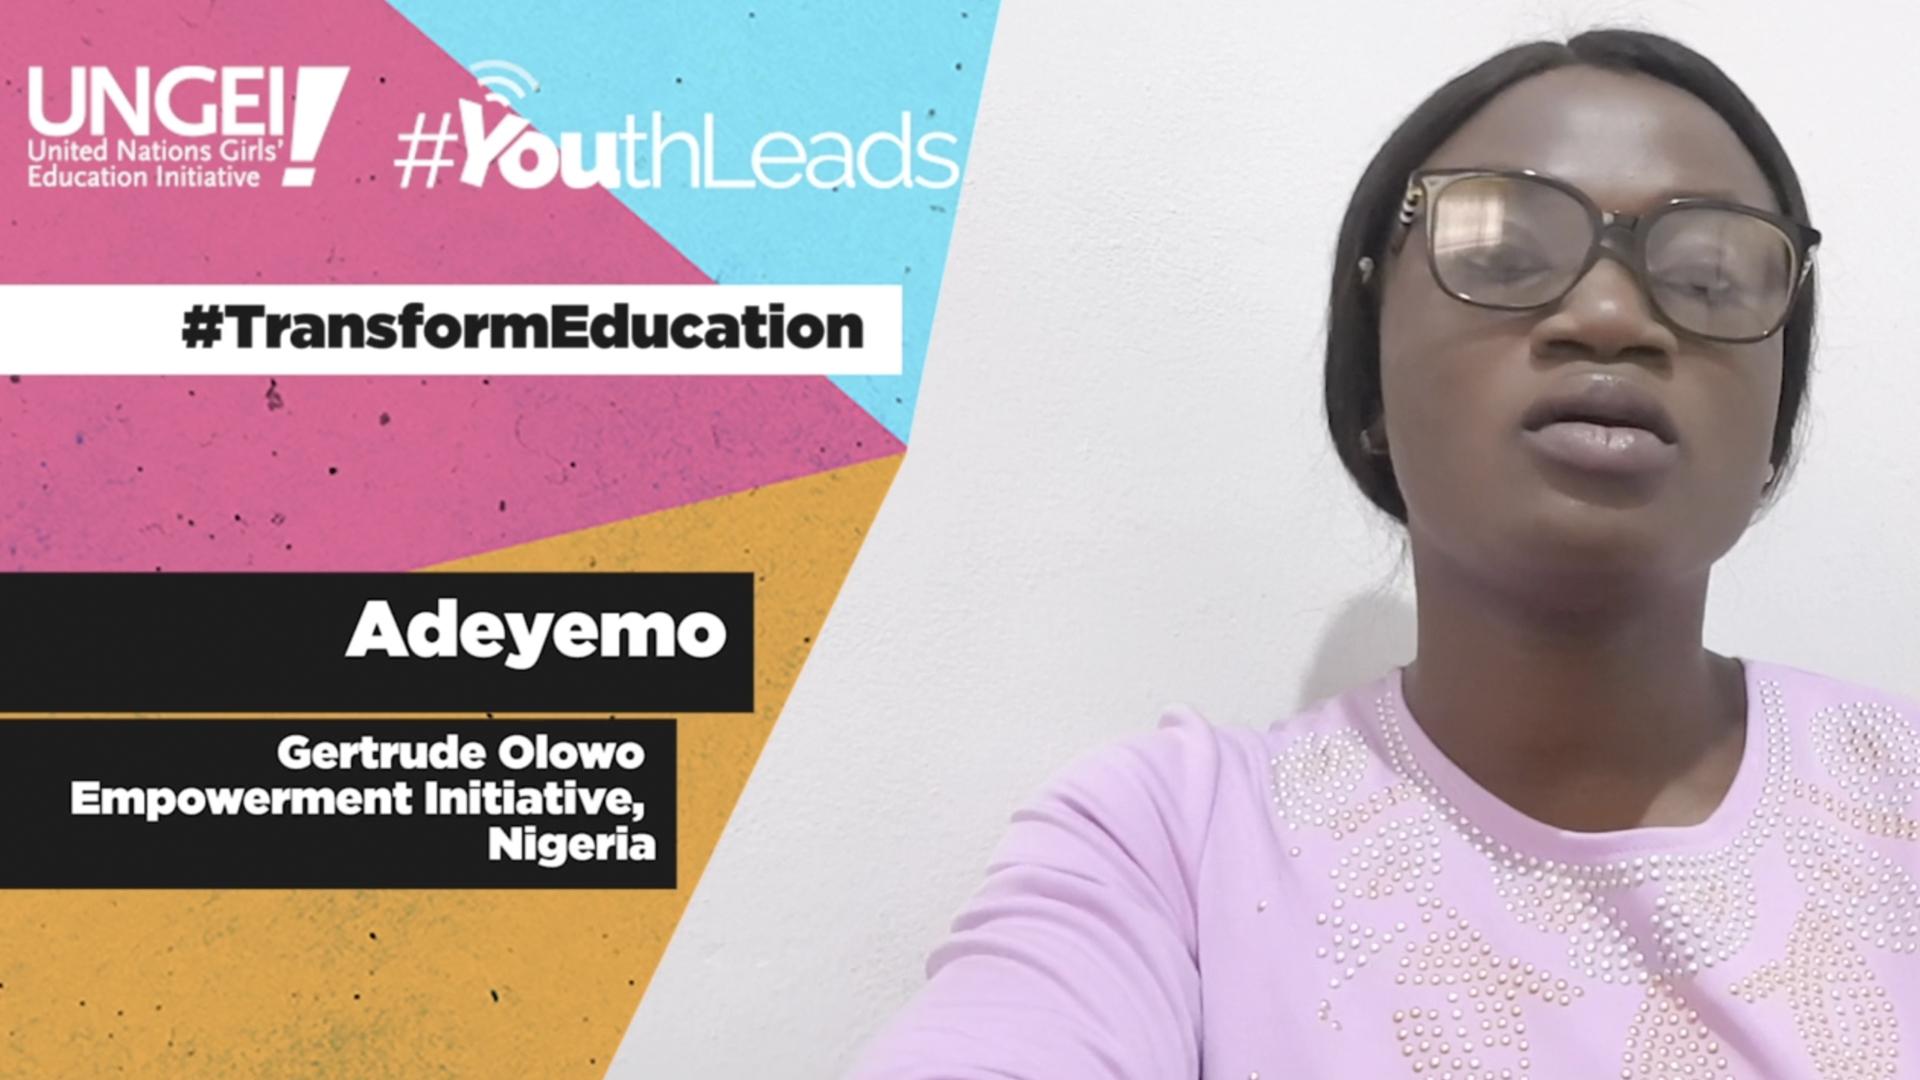 Adeyemo, Gertrude Olowo Empowerment Initiative, Nigeria